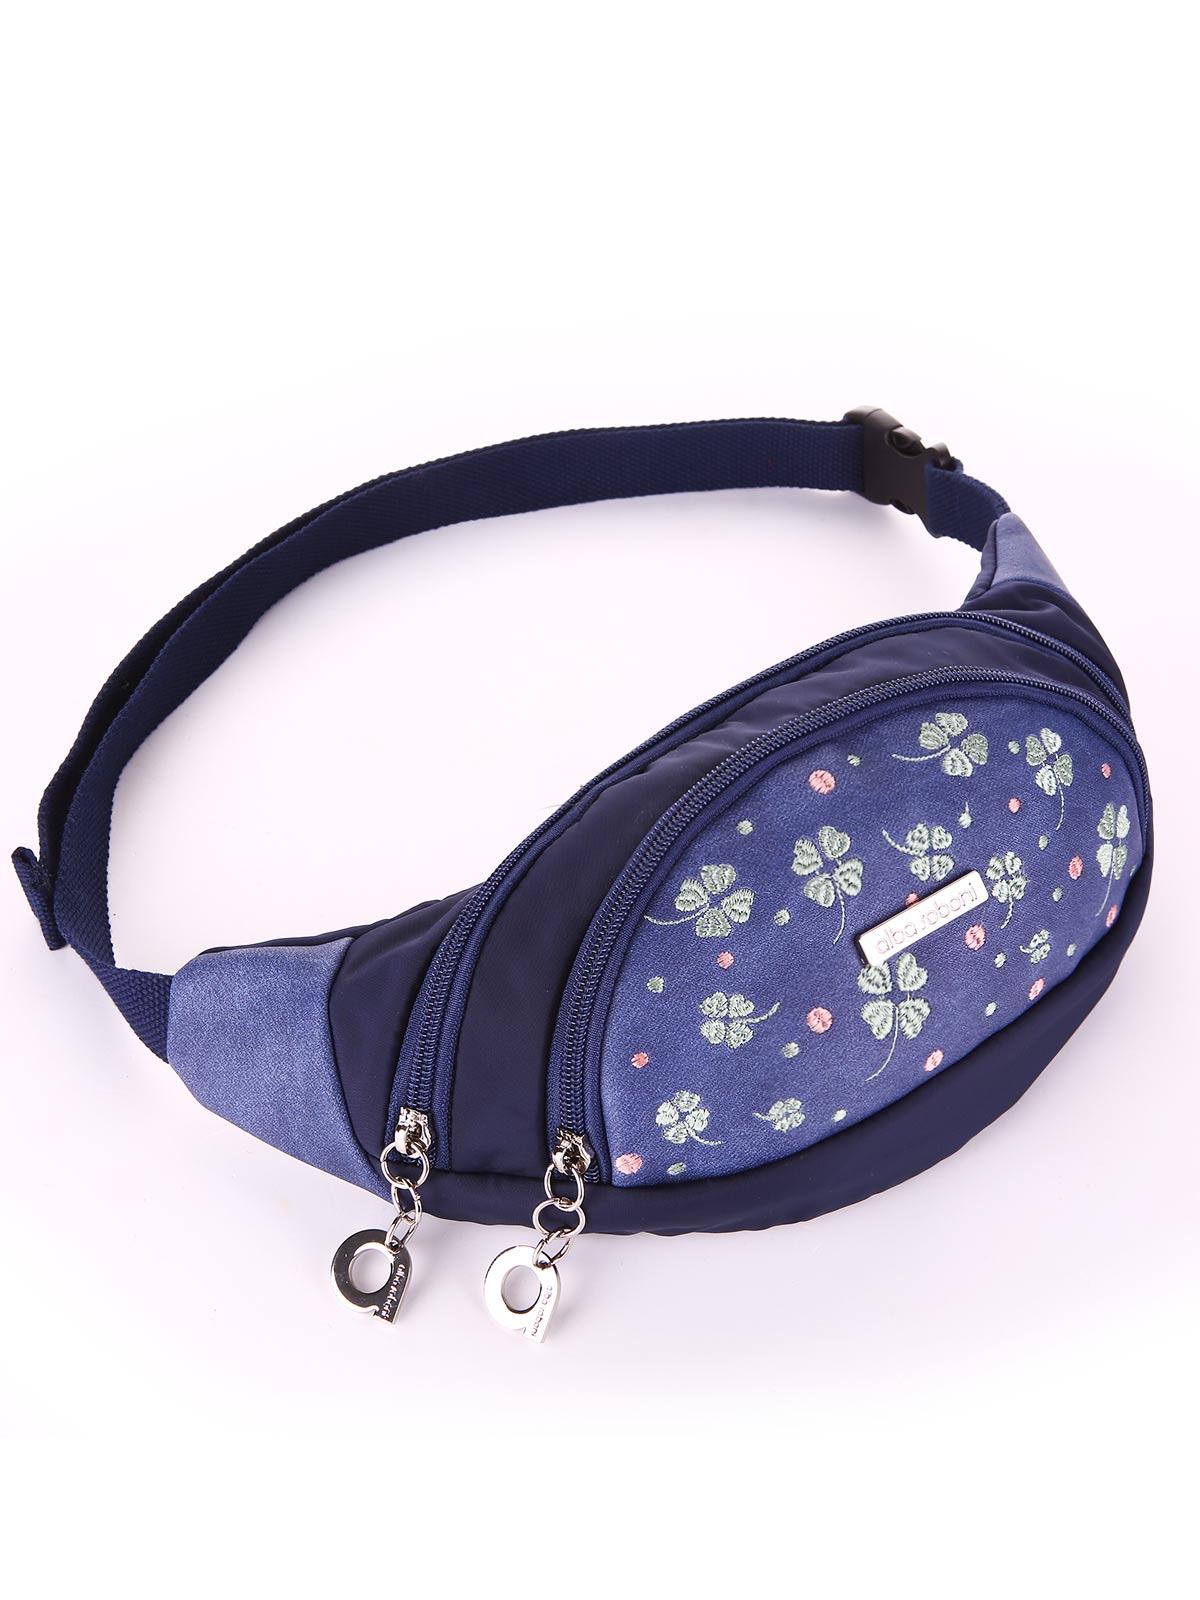 Модная сумка на пояс, модель 183882 синий. Фото товара, вид сбоку.